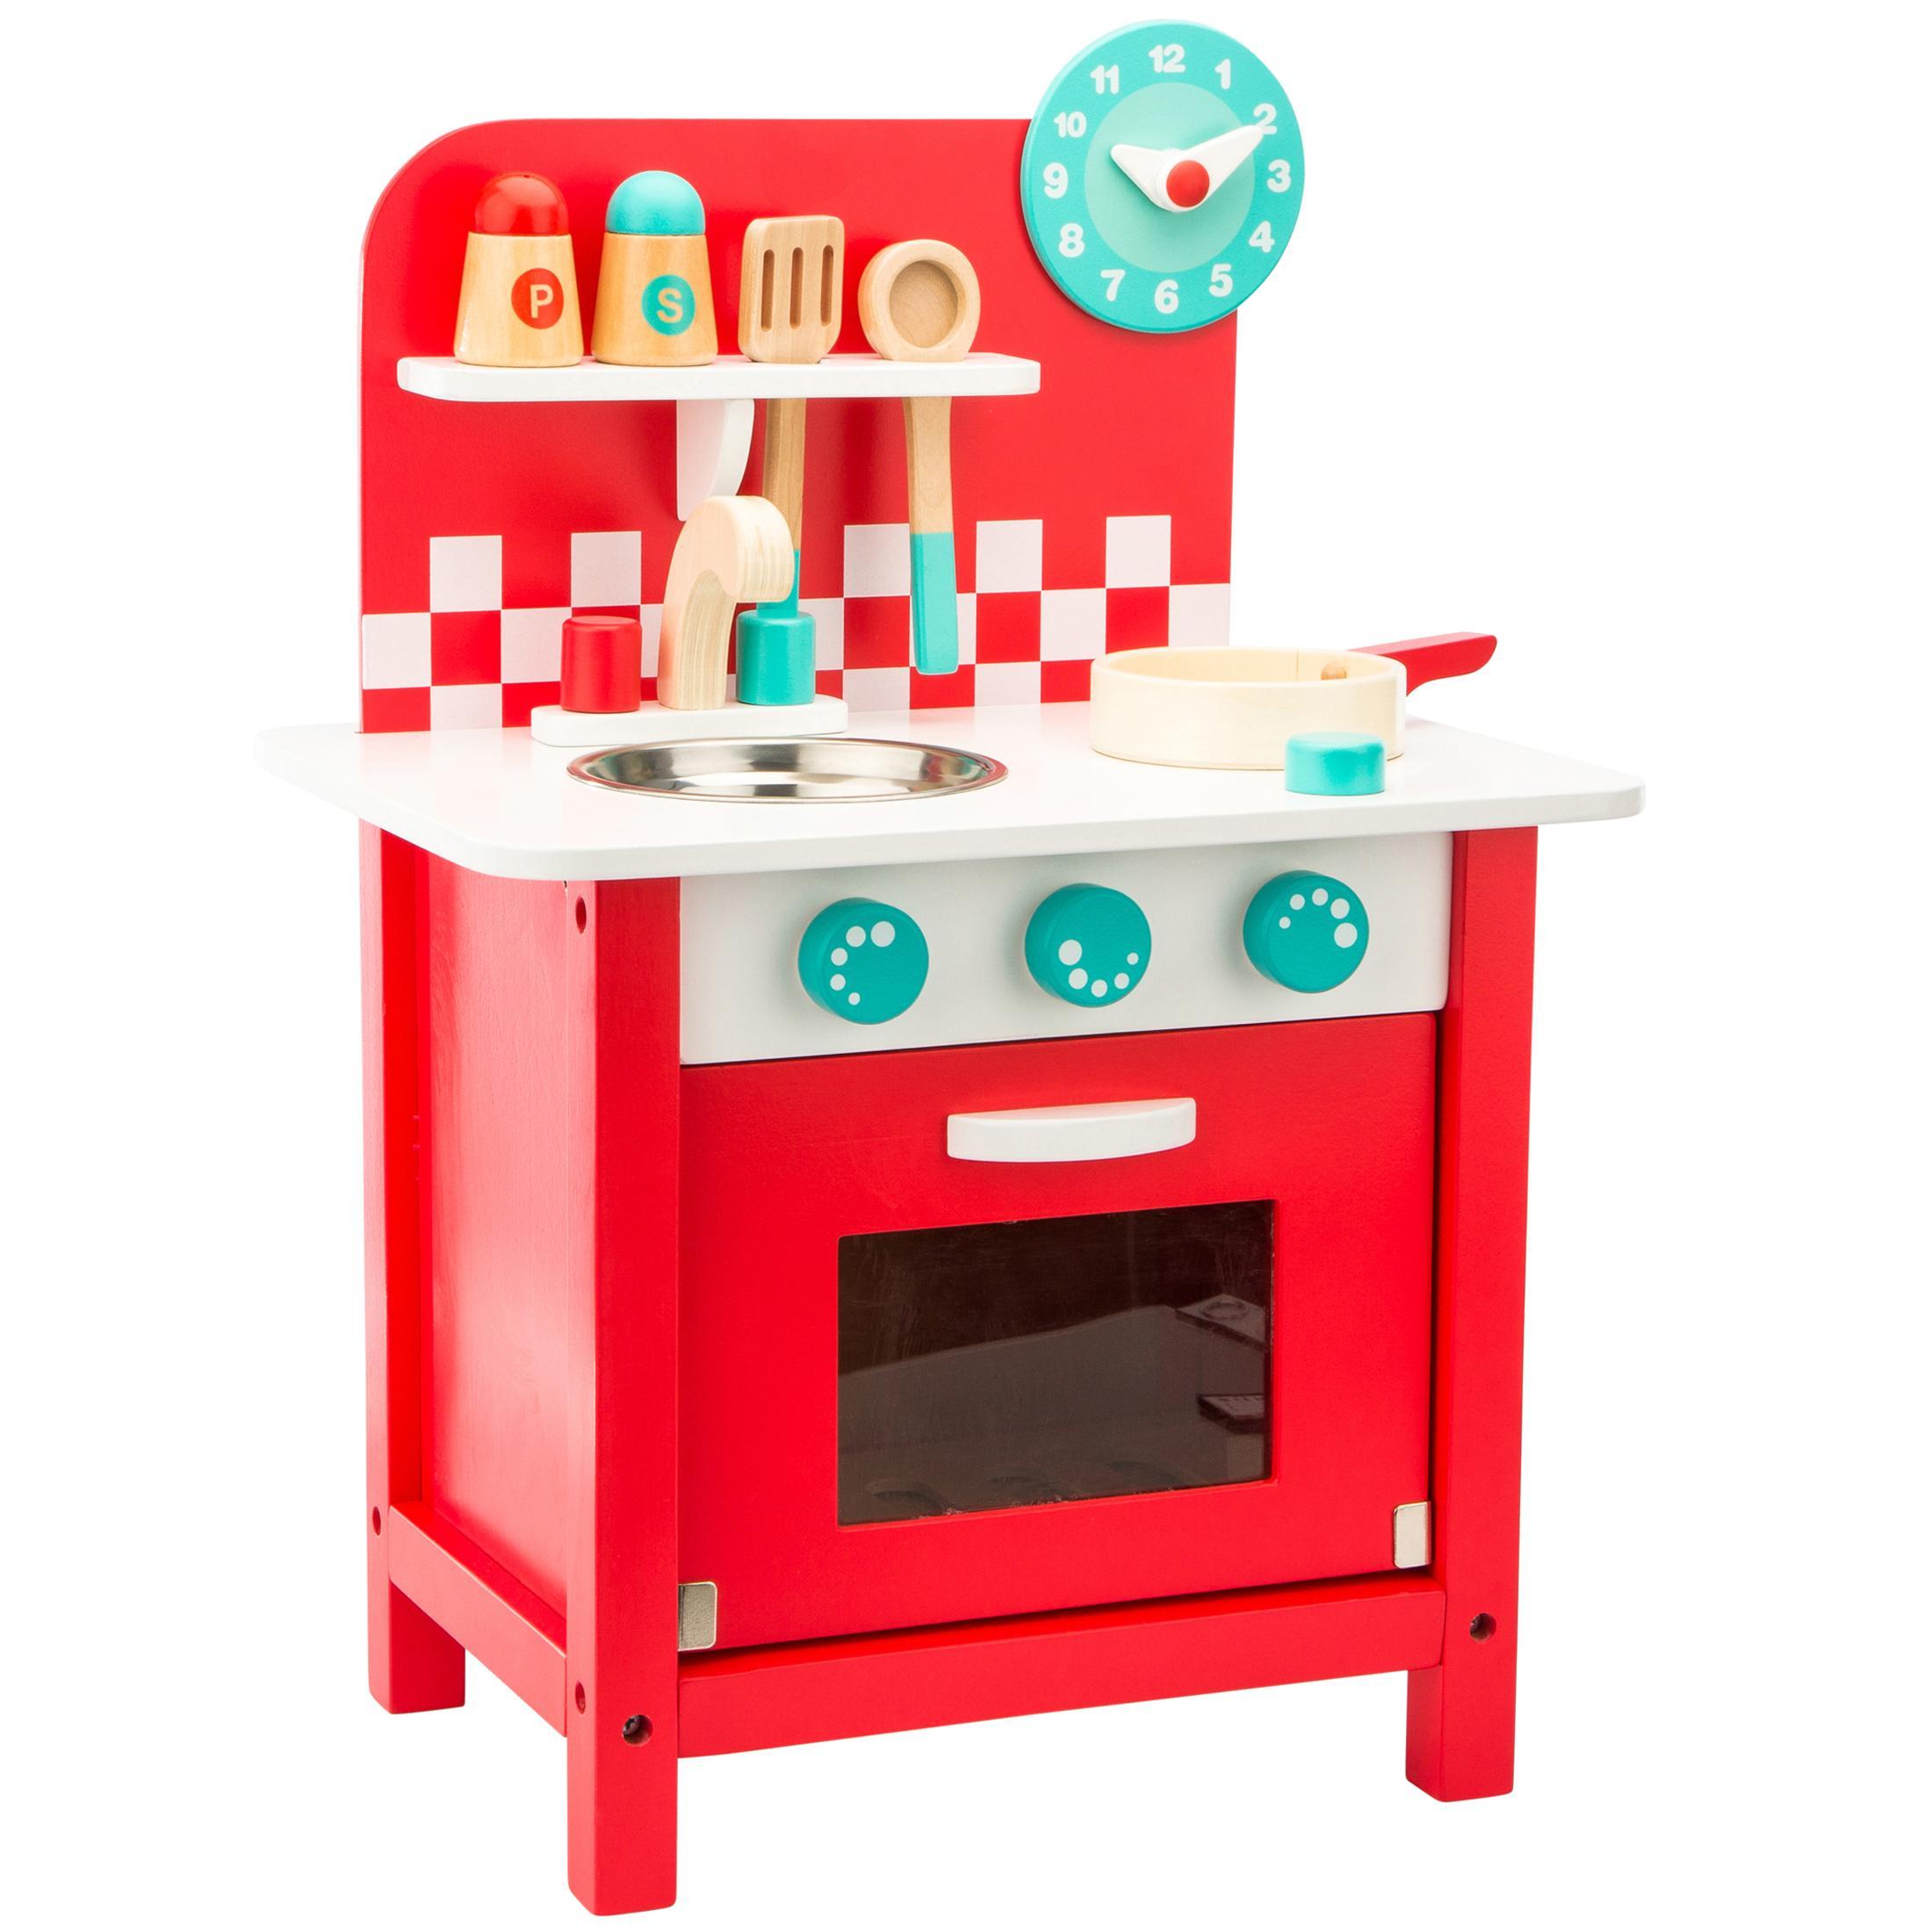 Ultrakidz cocinita de juguete charly de madera con - Cocinas para cocinar ...